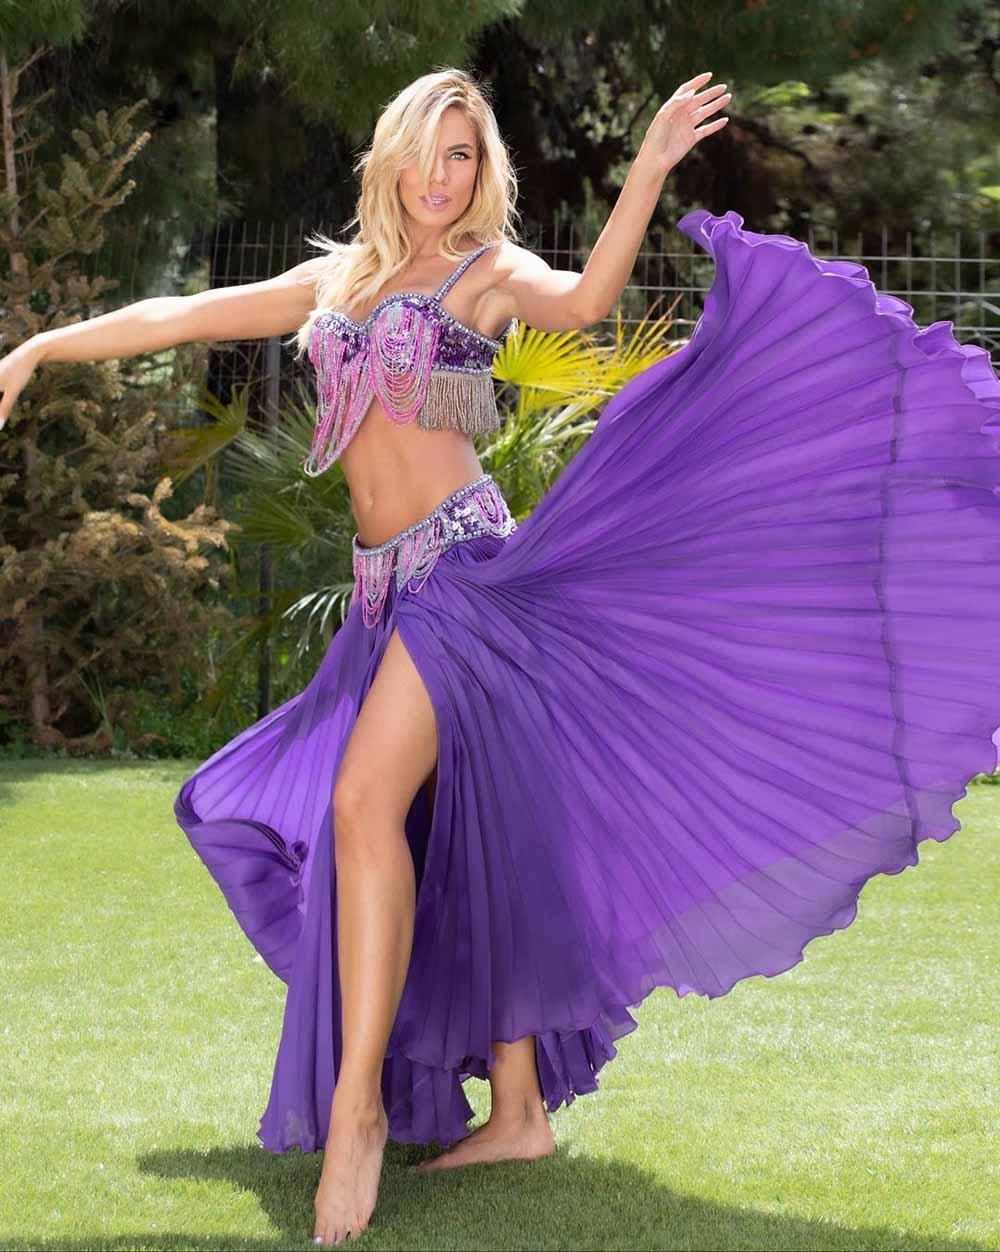 Ιωάννα Μαλέσκου: Αποχαιρέτησε τους τηλεθεατές με… χορό της κοιλιάς